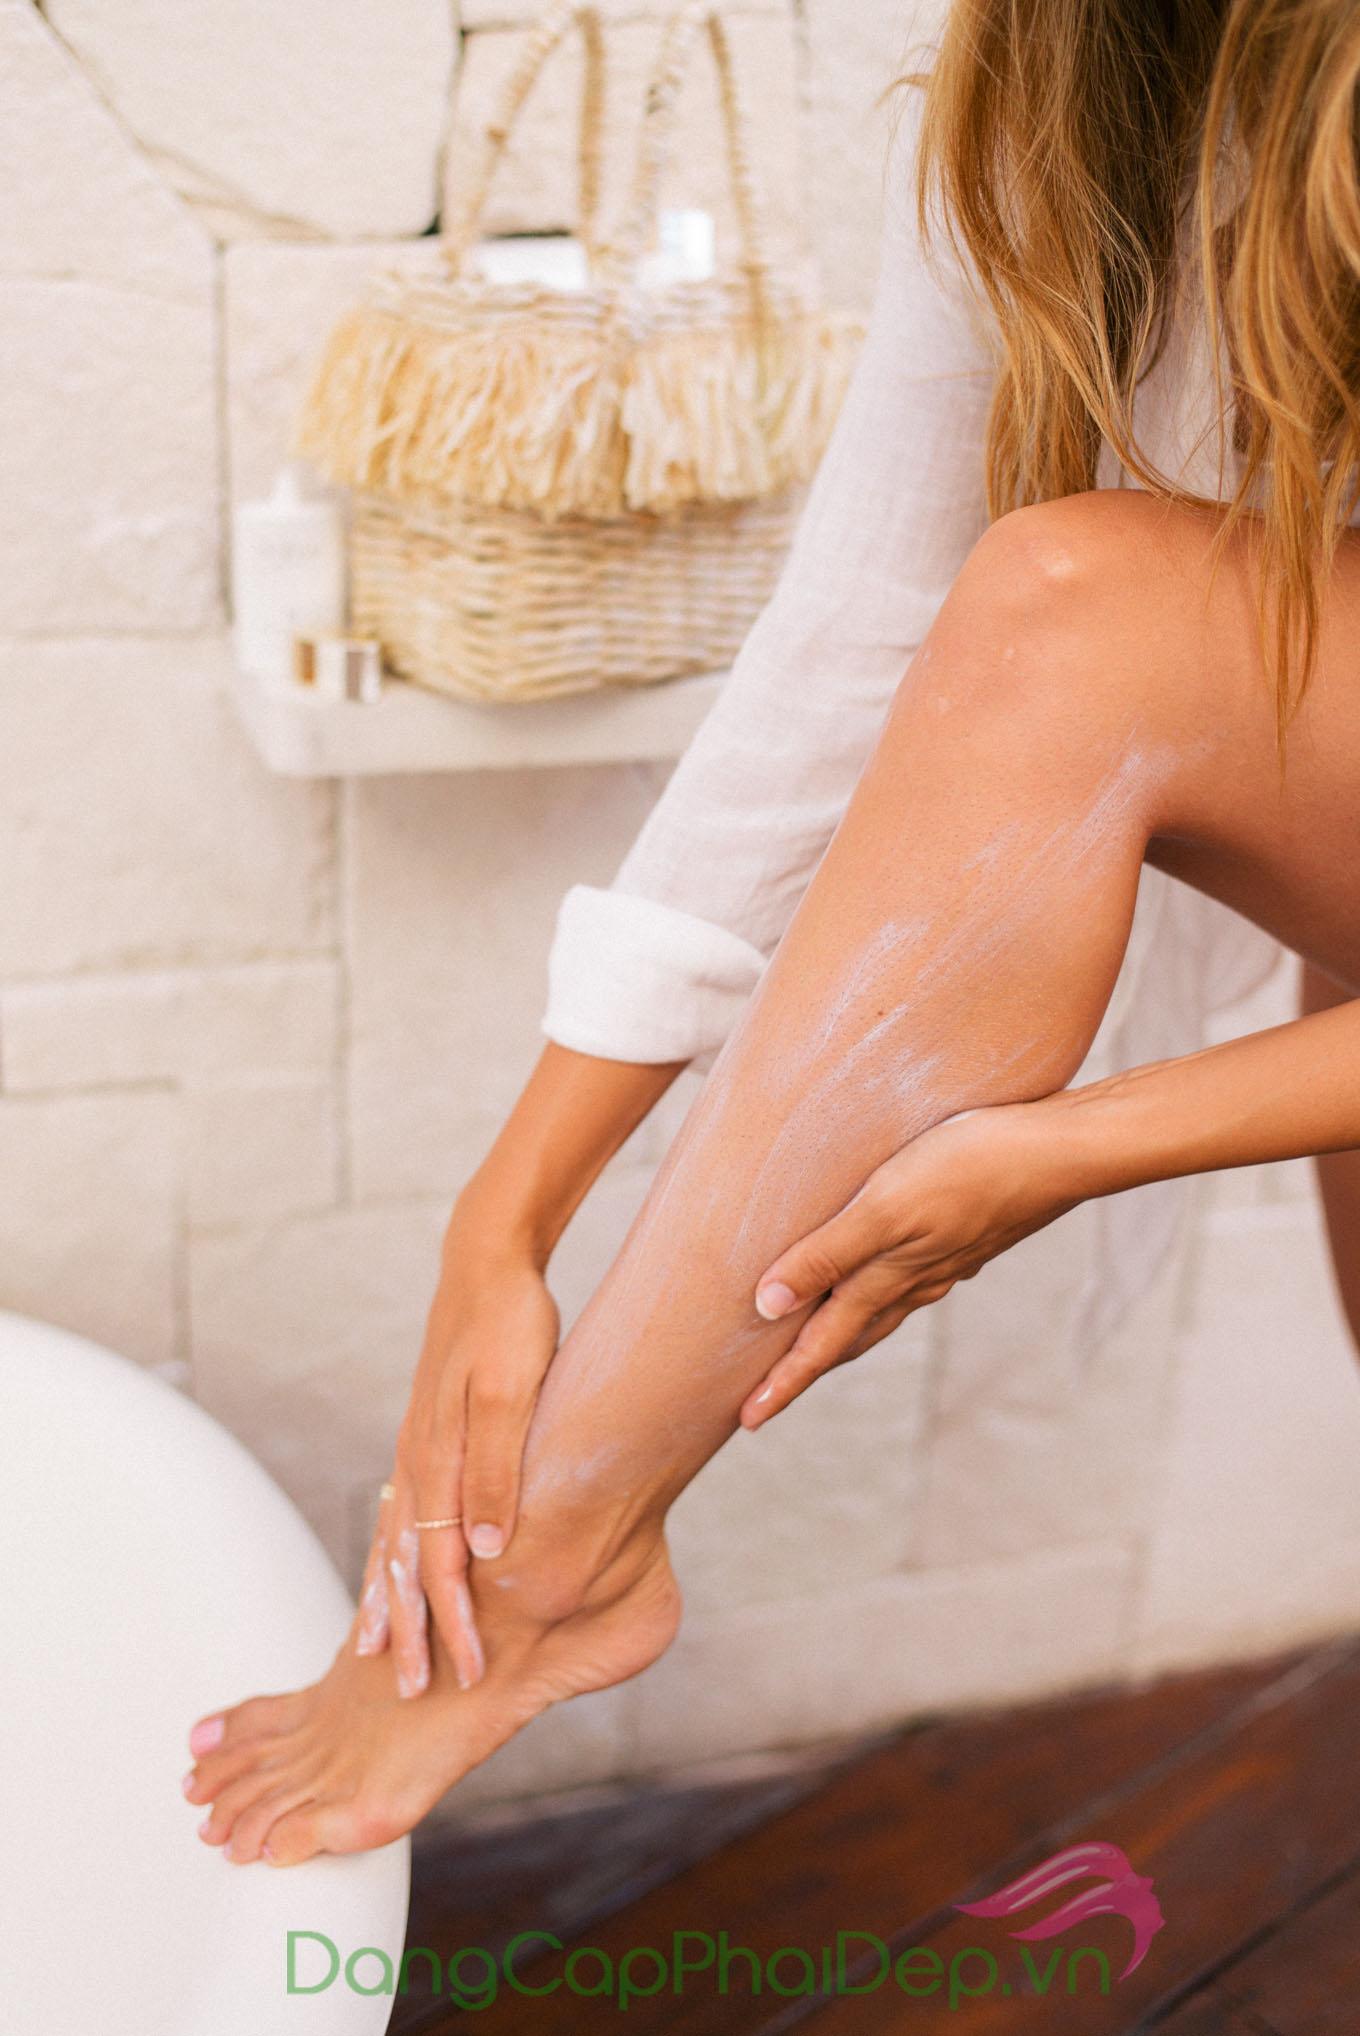 kem chống nắng có thể giảm đến 90% nguy cơ mắc bệnh ung thư da